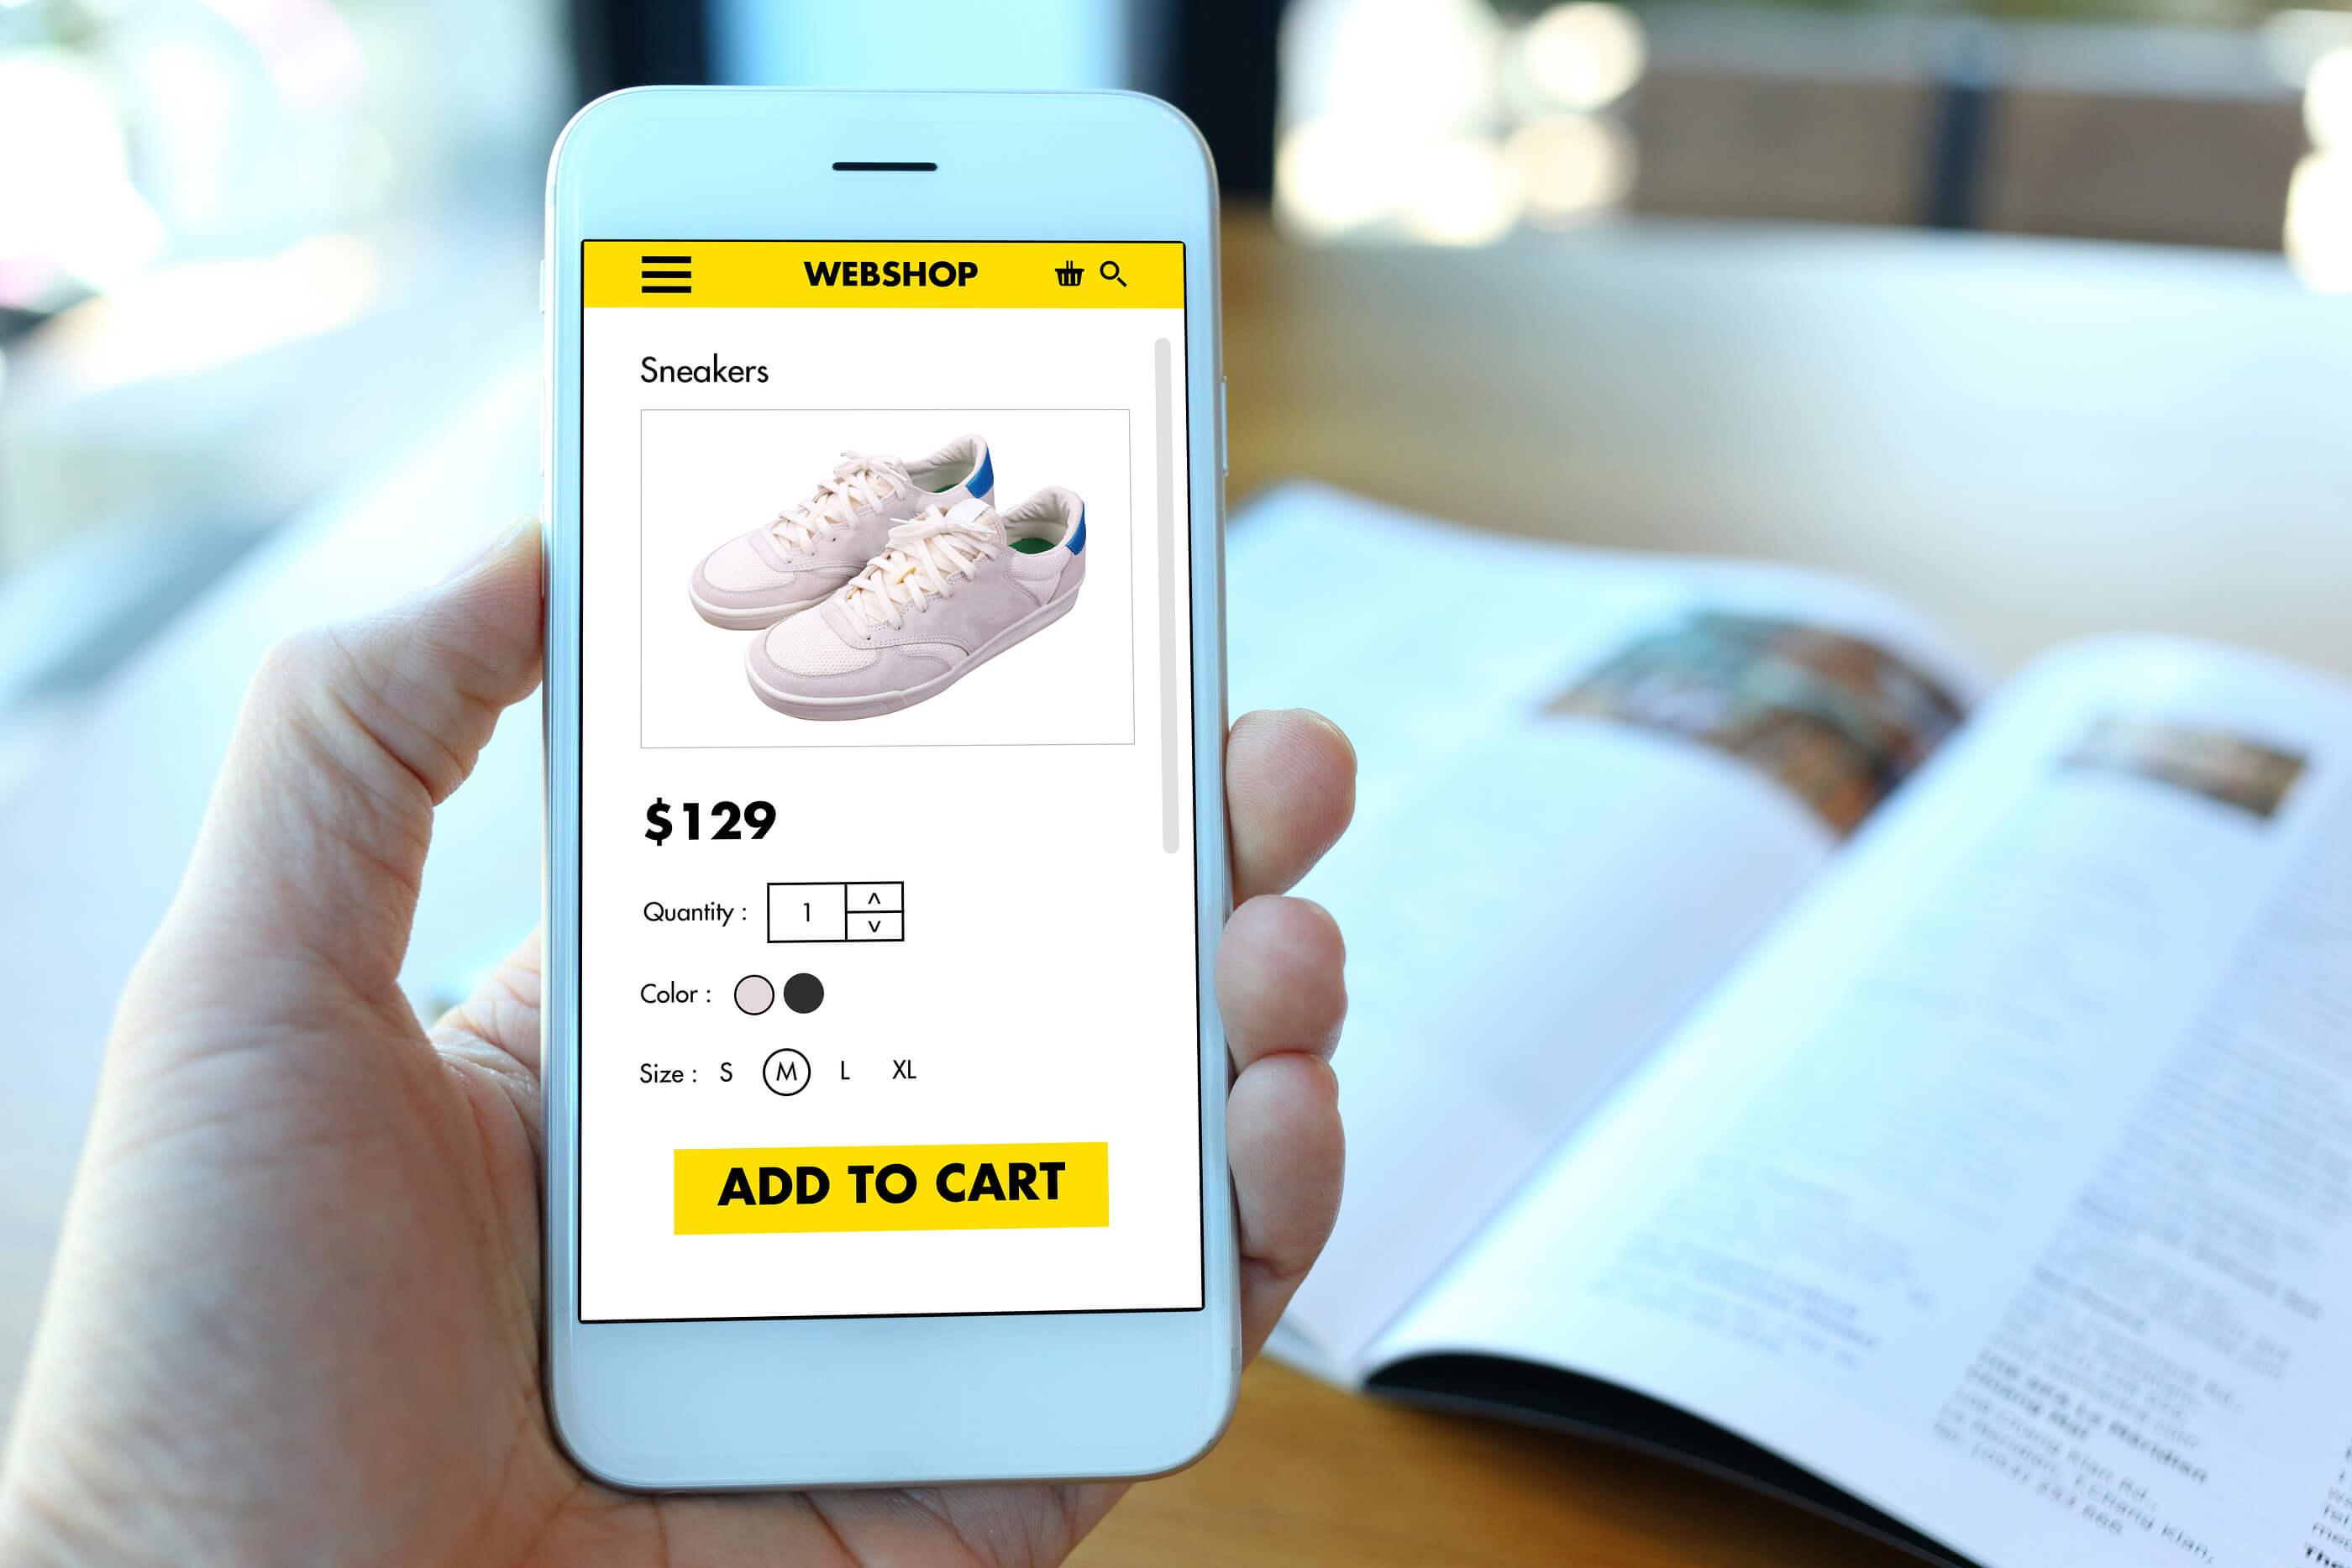 [Vídeo] Potencial da imagem na conversão de vendas do e-commerce